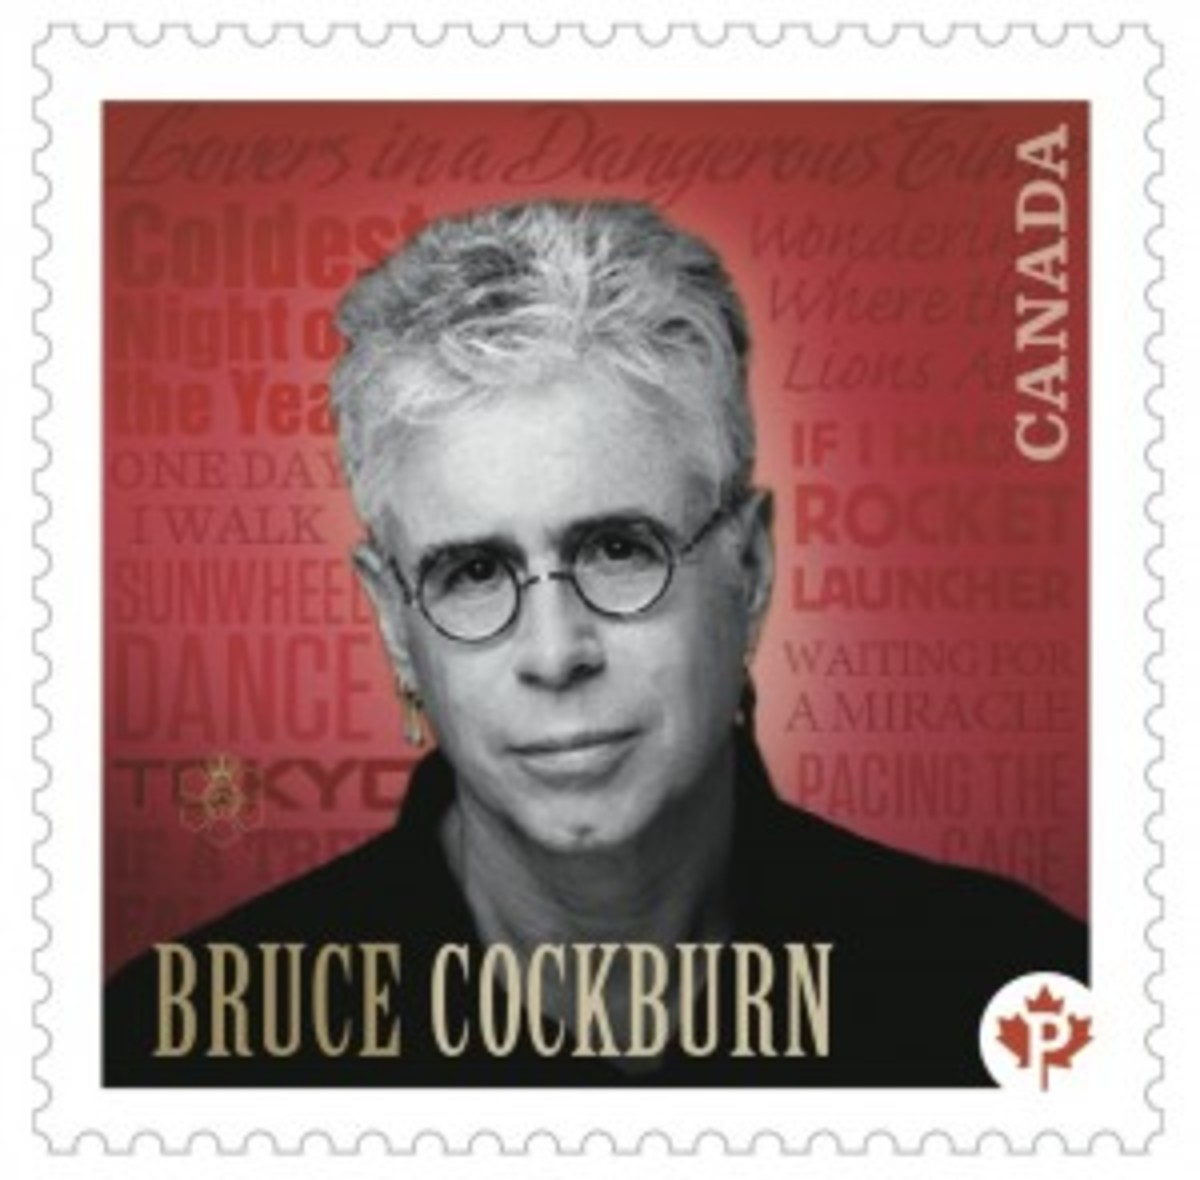 Bruce Cockburn stamp